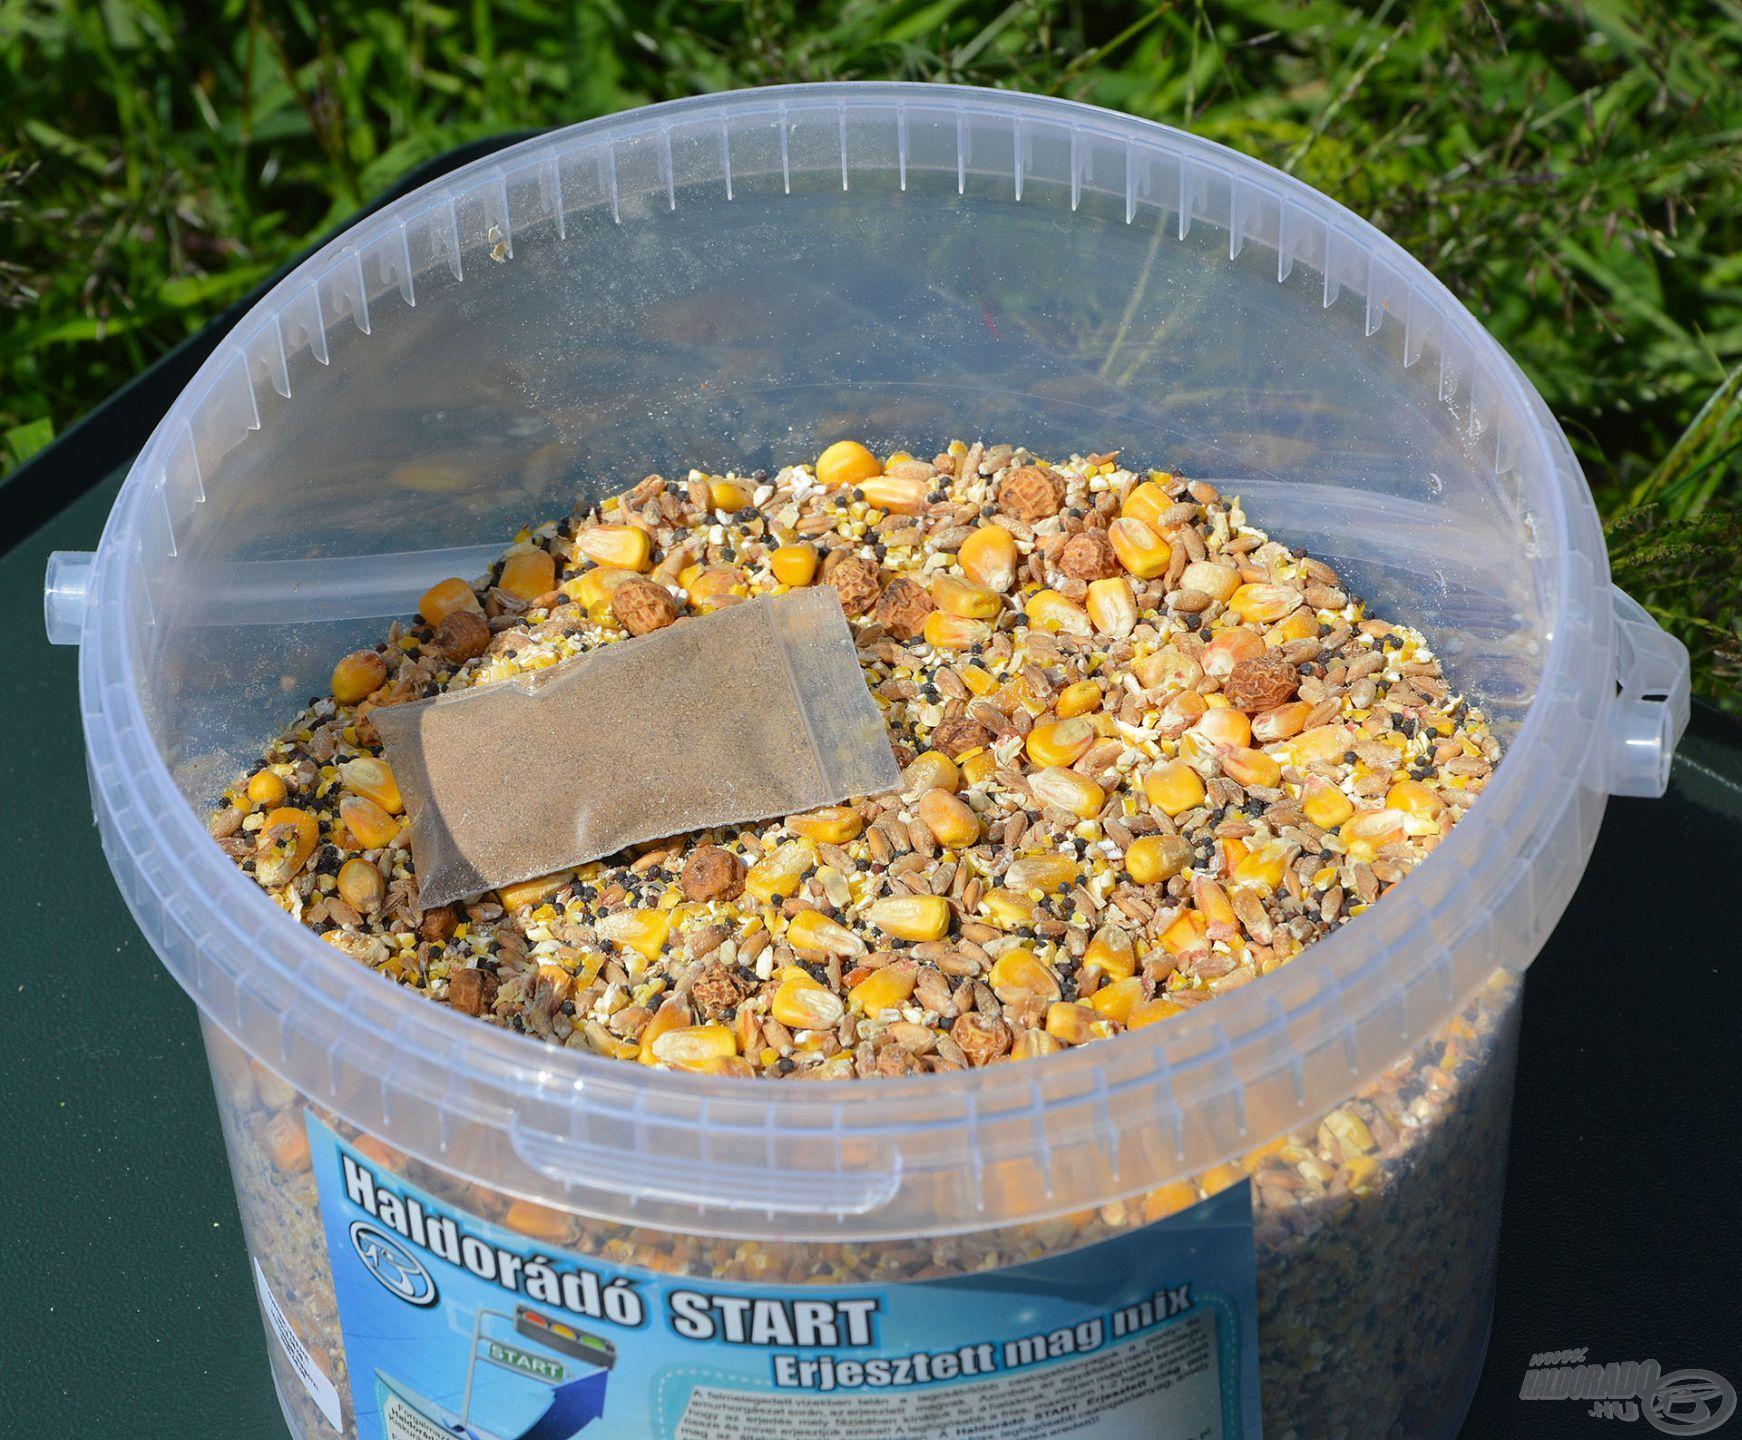 A Haldorádó START Erjesztett Mag Mix ebben az állapotában kerül forgalomba, a vödröt kinyitva száraz magvakat és egy zacskós erjesztő port találunk